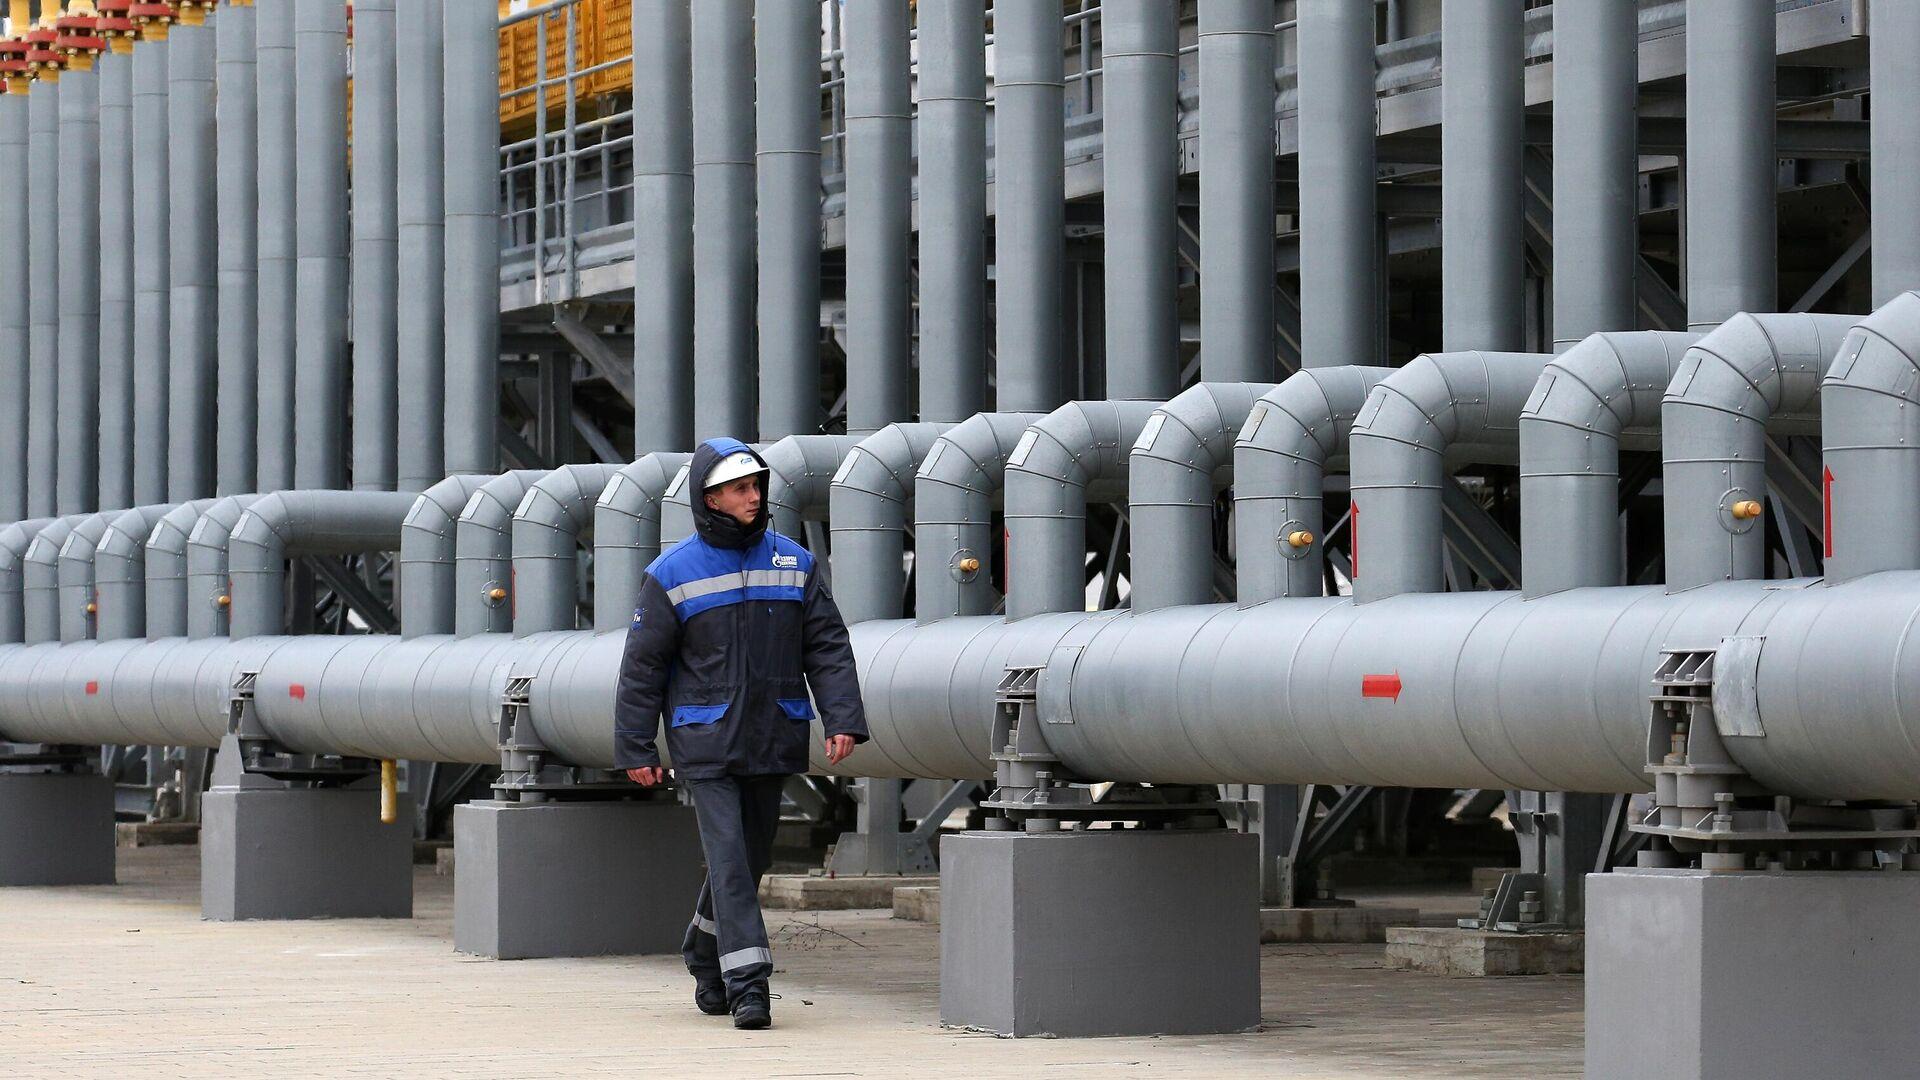 Газпром выводит суточную производительность ПХГ до 847,9 миллиона кубометров